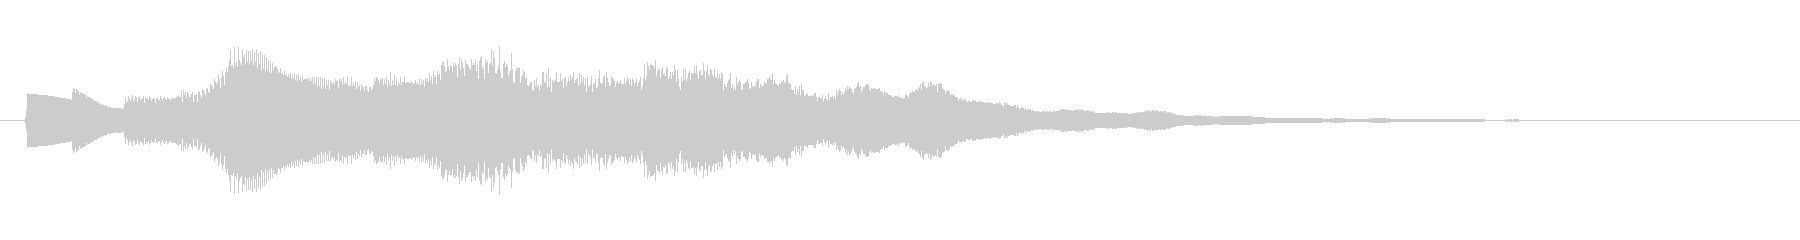 眠気を誘う心地よいサウンドロゴの未再生の波形